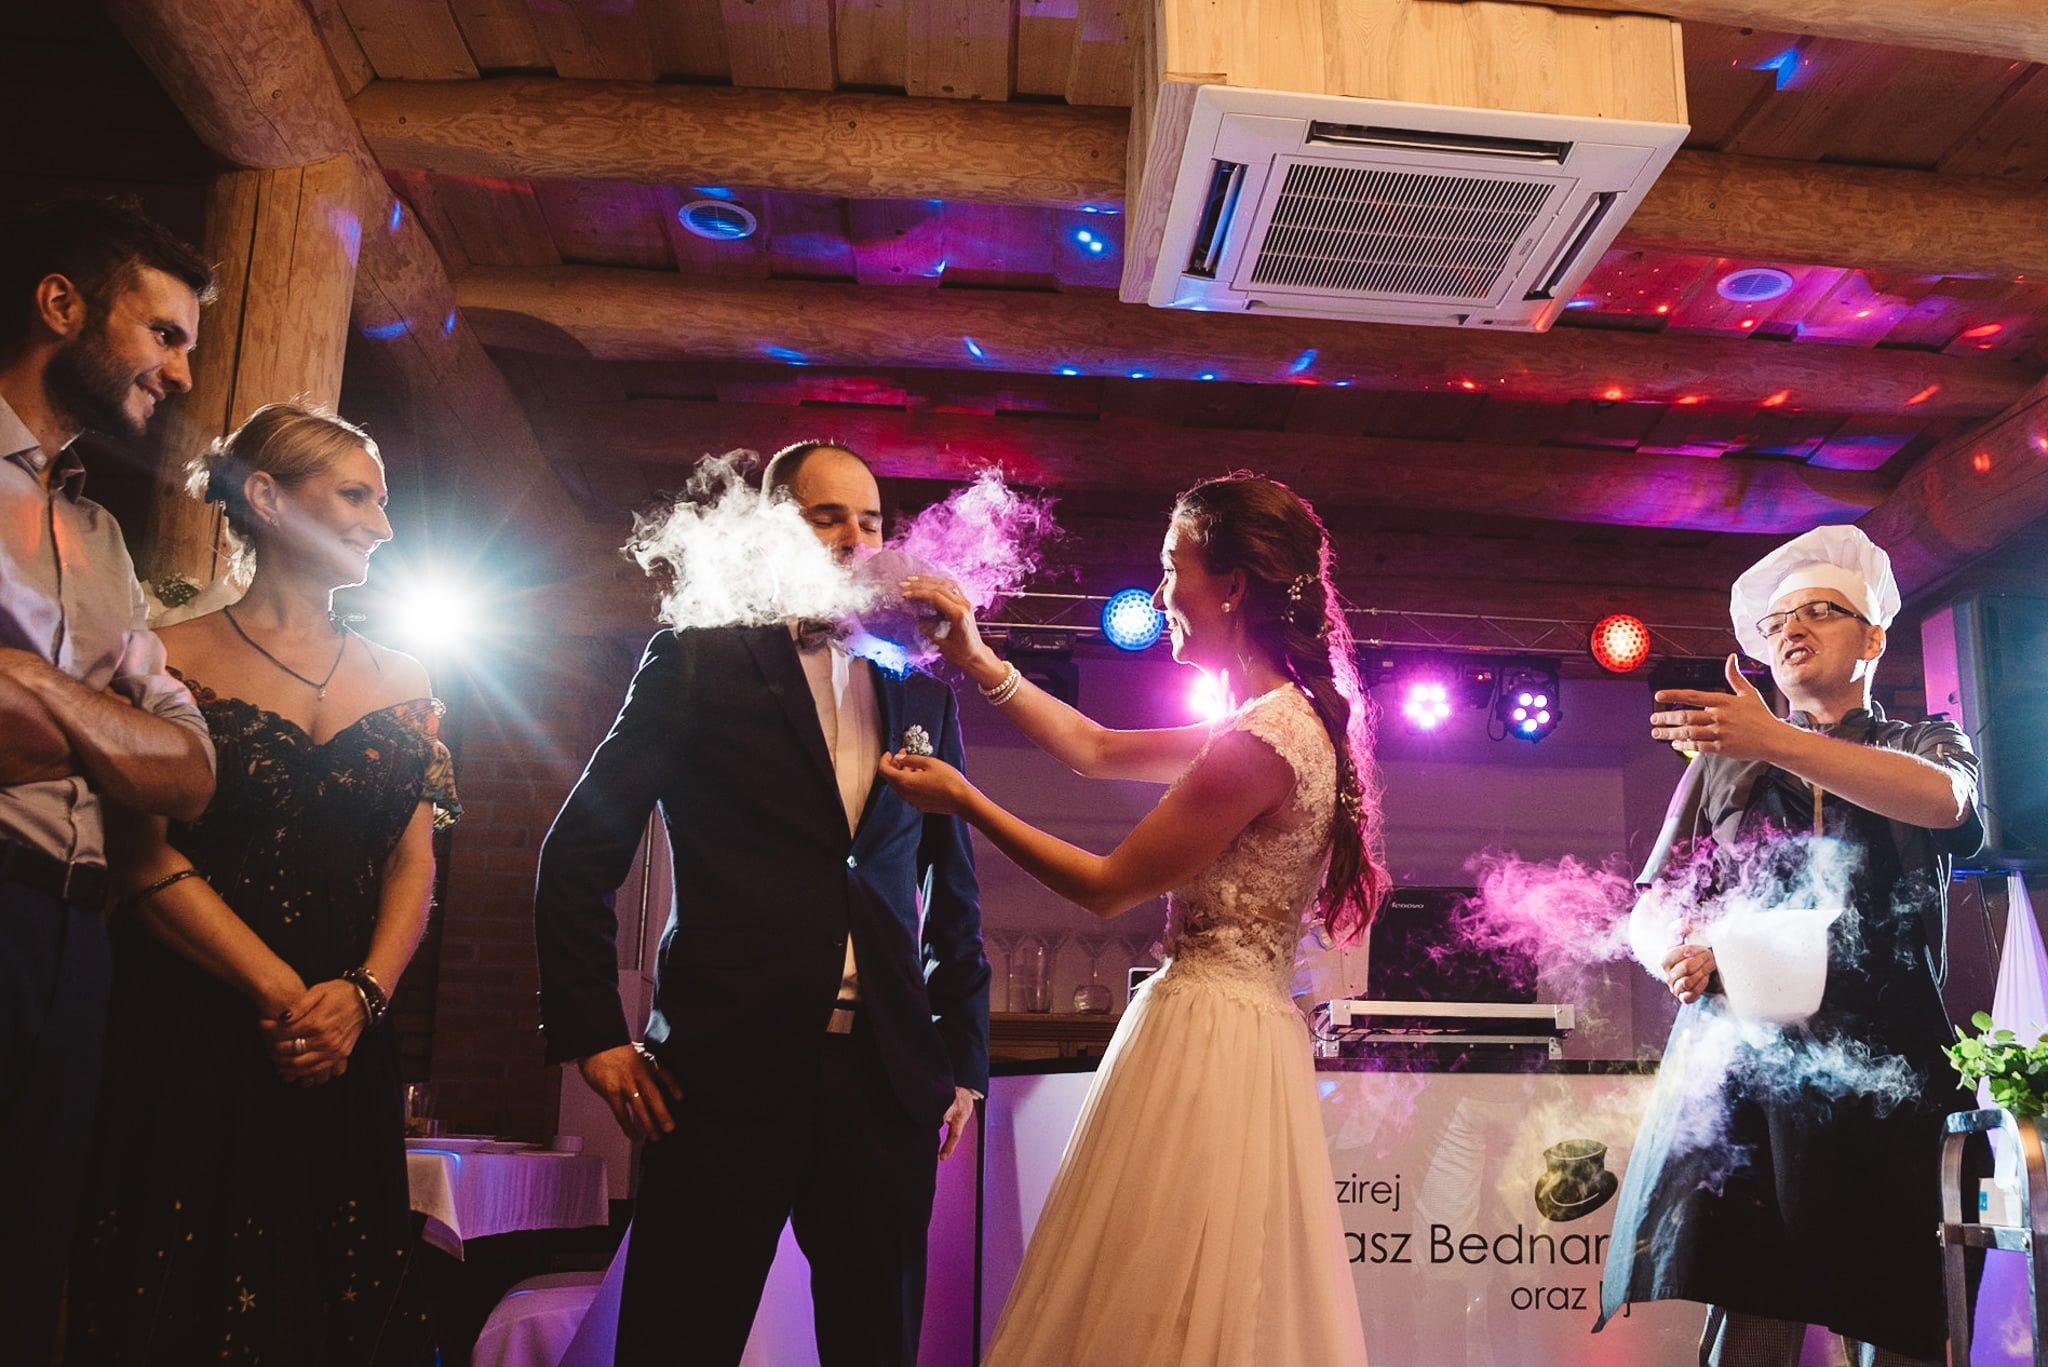 Kapitańska, sala weselna, fotografia ślubna, super sala, dobra zabawa na weselu, kucharz, pokaz suchego lodu, smok,